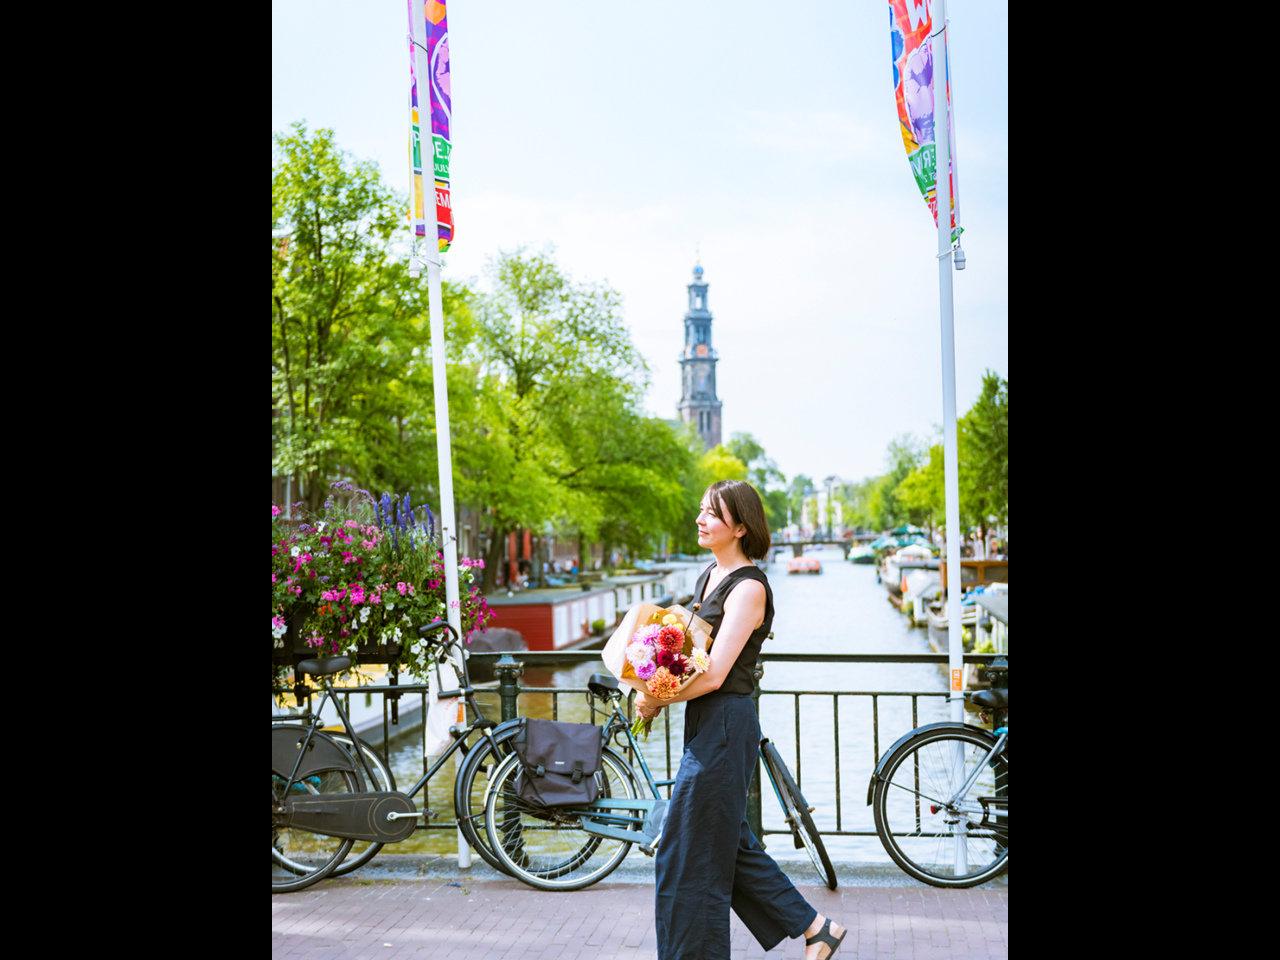 はじめての人はここへ行こう!ソトコト流アムステルダムのまち歩きガイド。Part